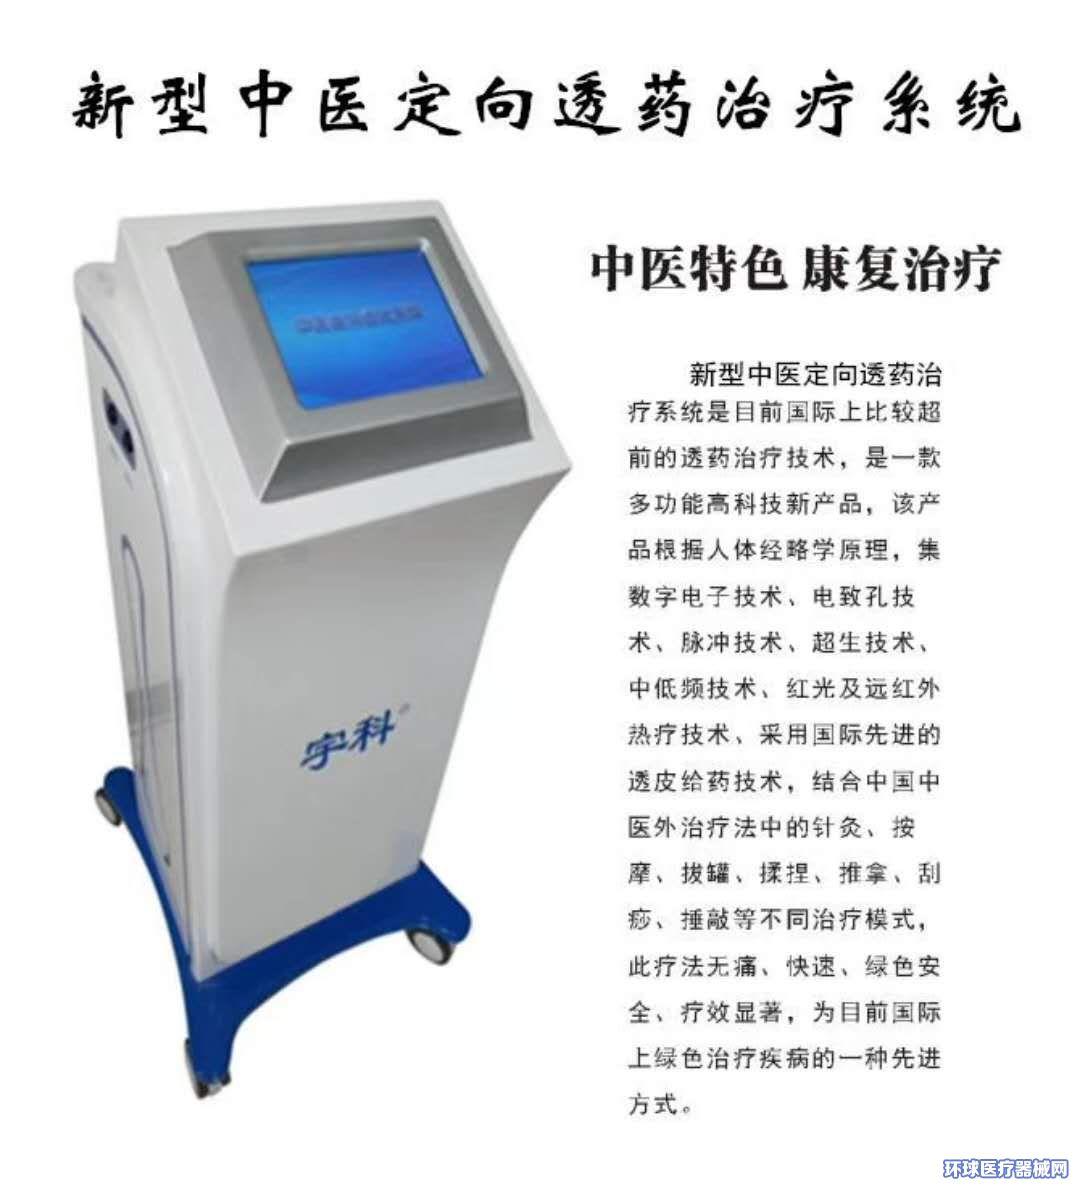 中医定向透化治疗系统